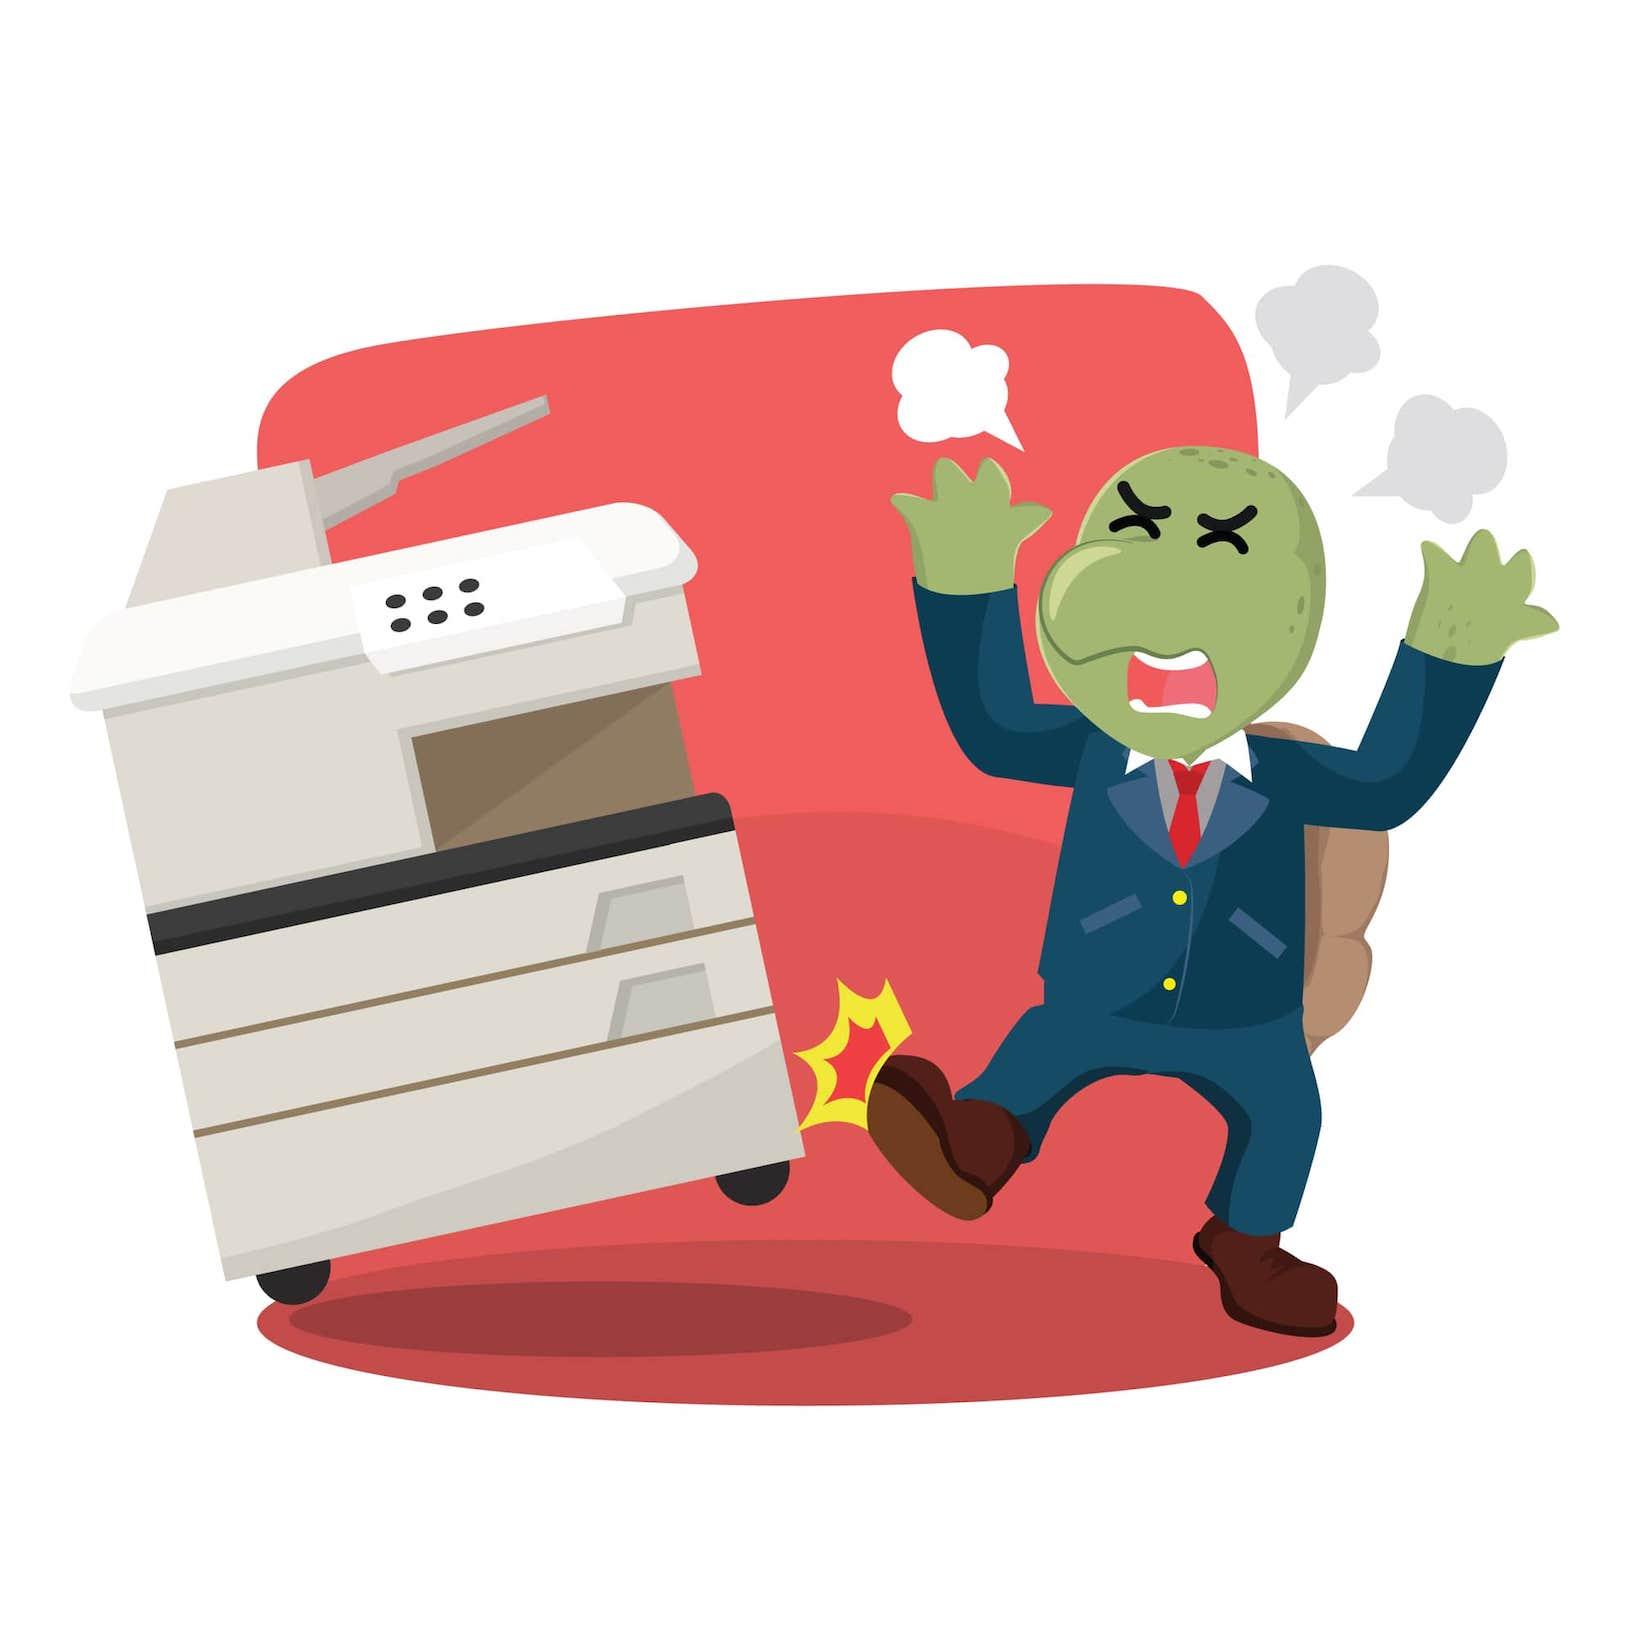 Drucker macht Ärger